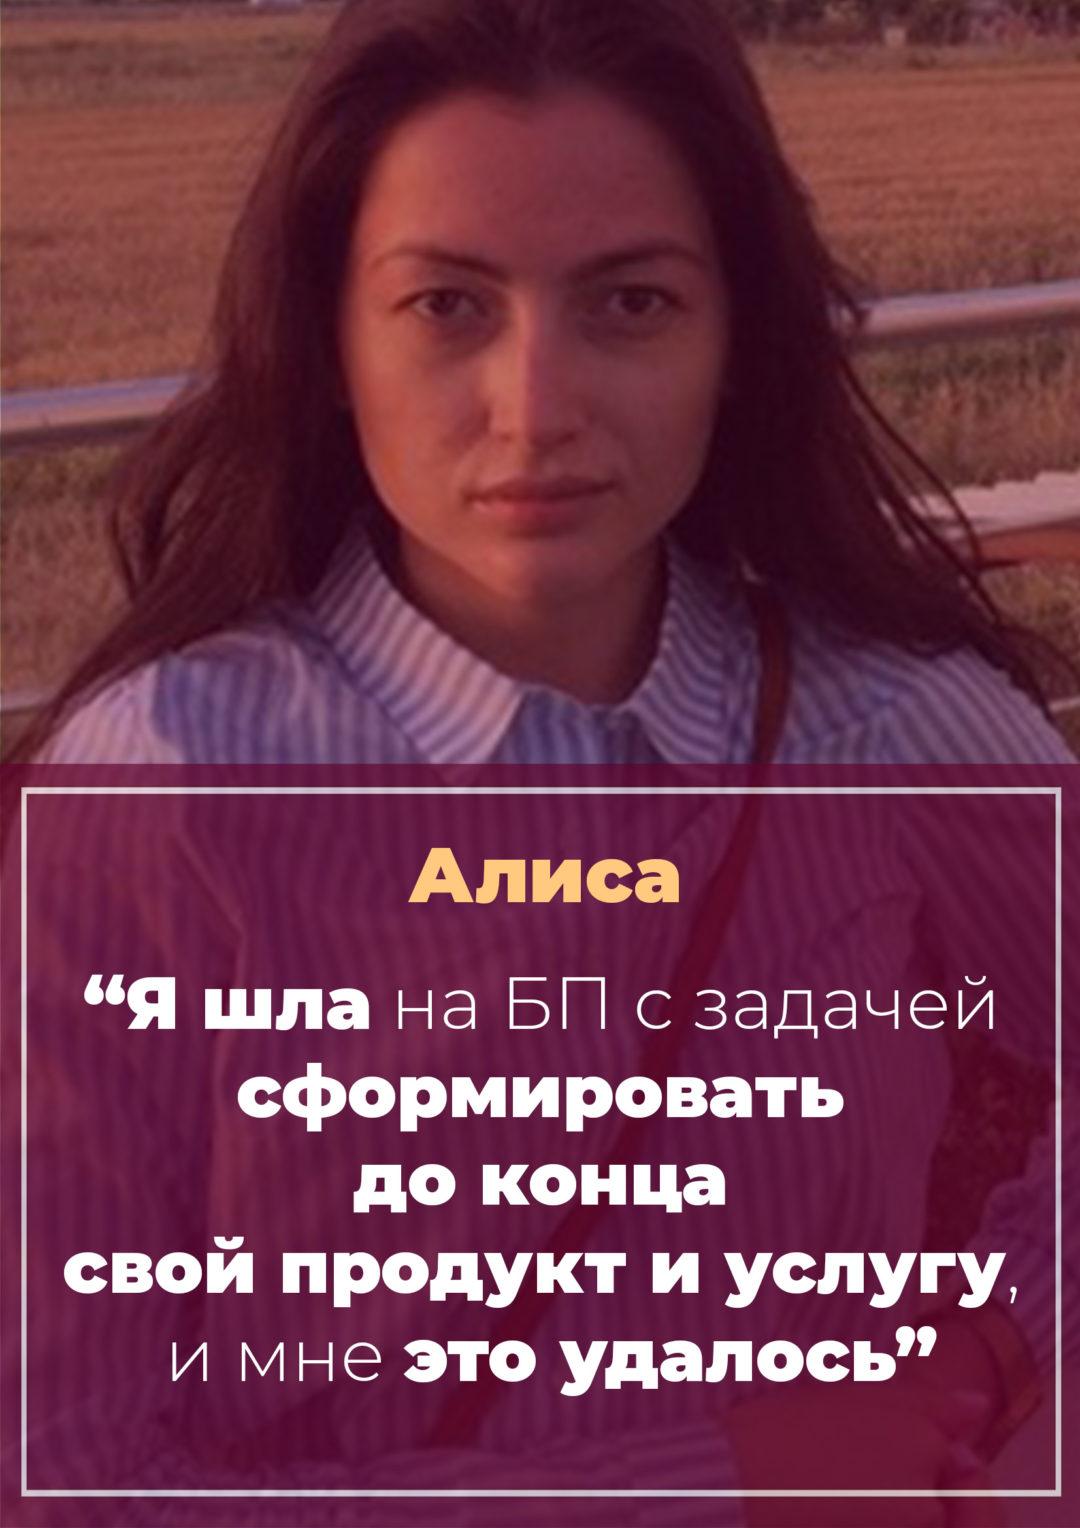 История Алисы